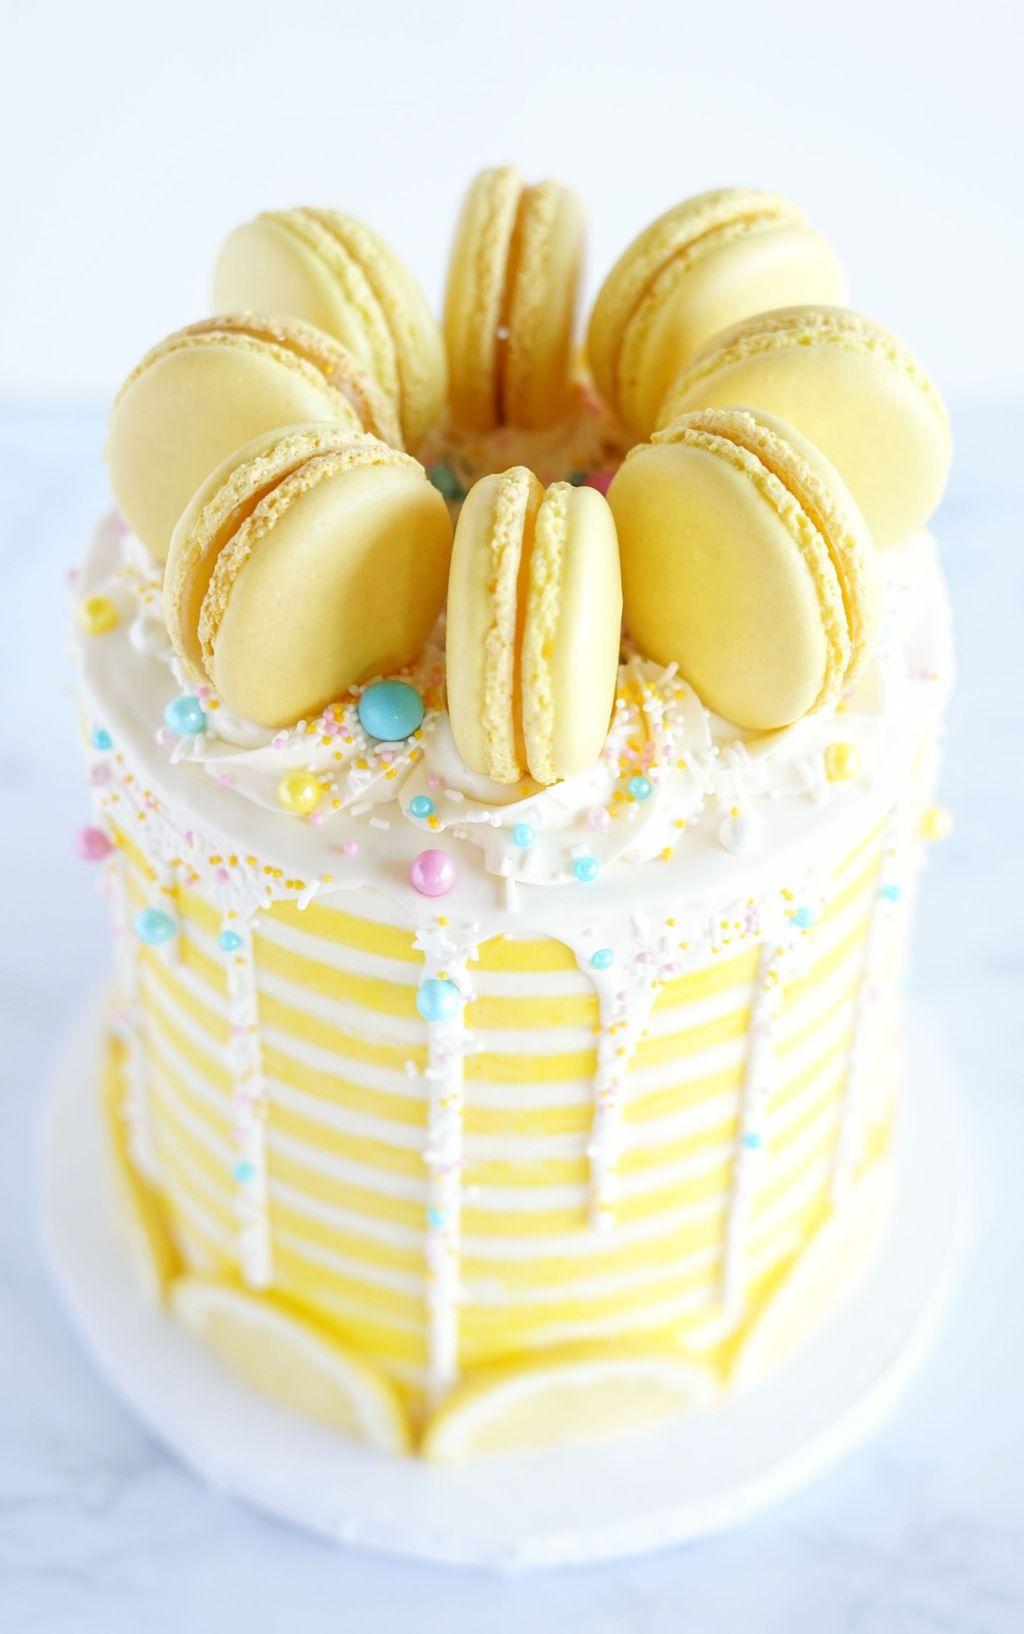 Tremendous Lemon Cake Recipe With Images Lemon Layer Cakes Lemon Personalised Birthday Cards Beptaeletsinfo